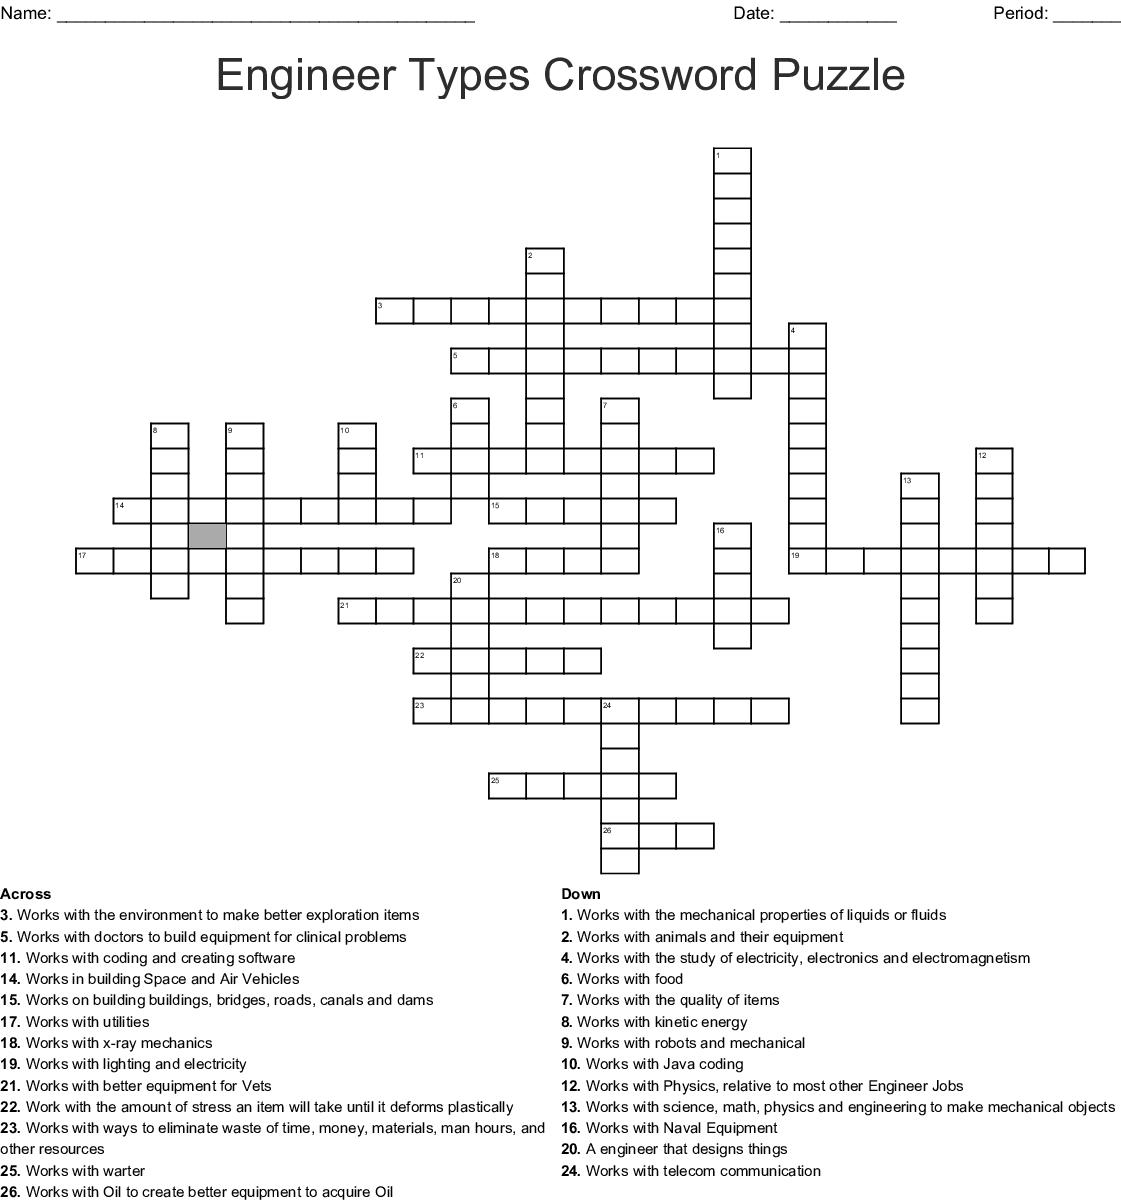 Engineer Types Crossword Puzzle Wordmint